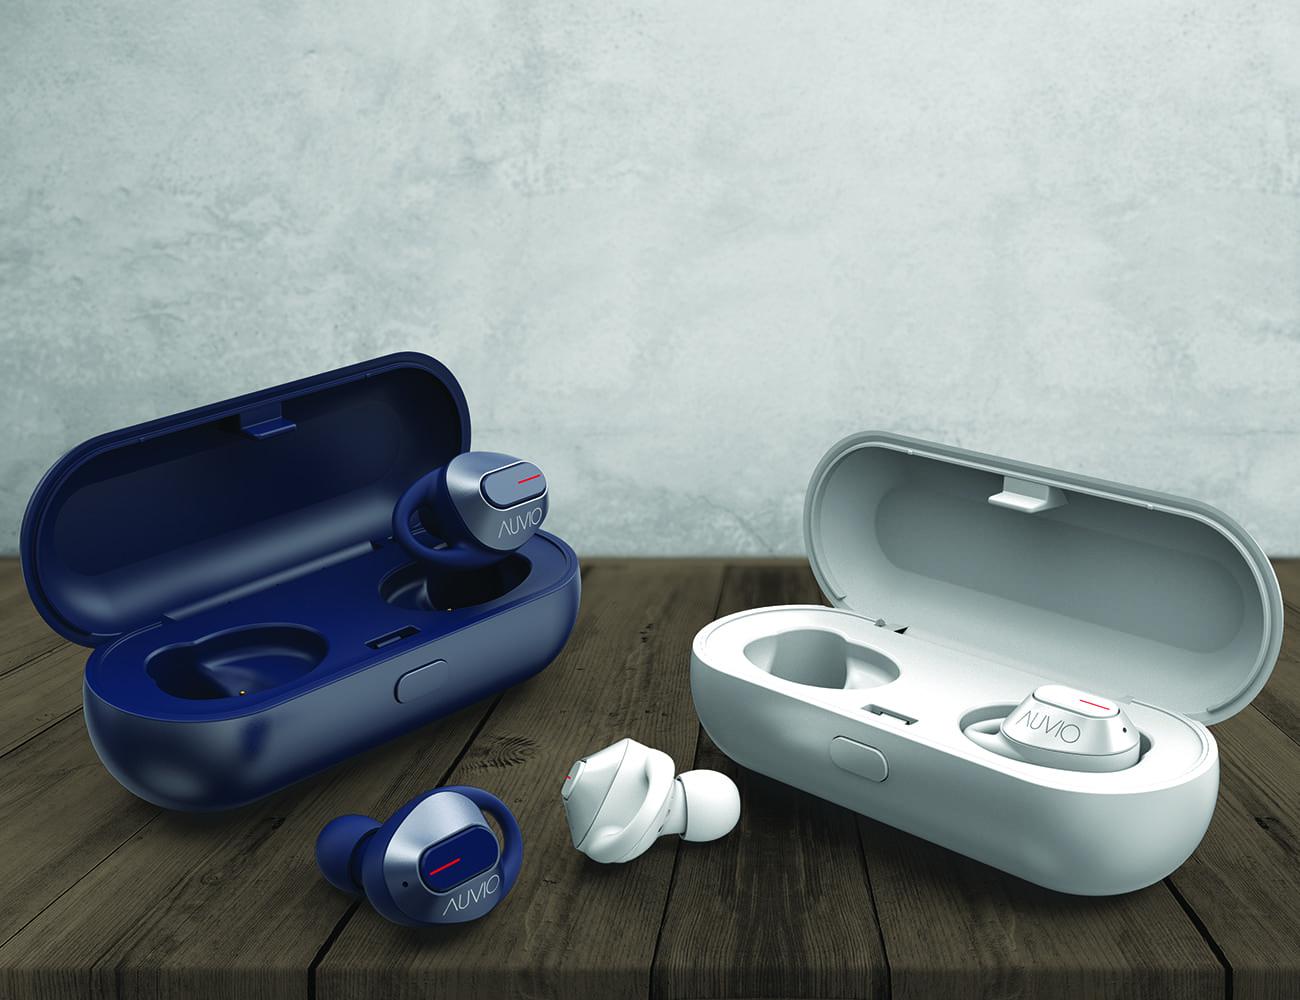 AUVIO MOTION+ Lightweight True Wireless Earbuds